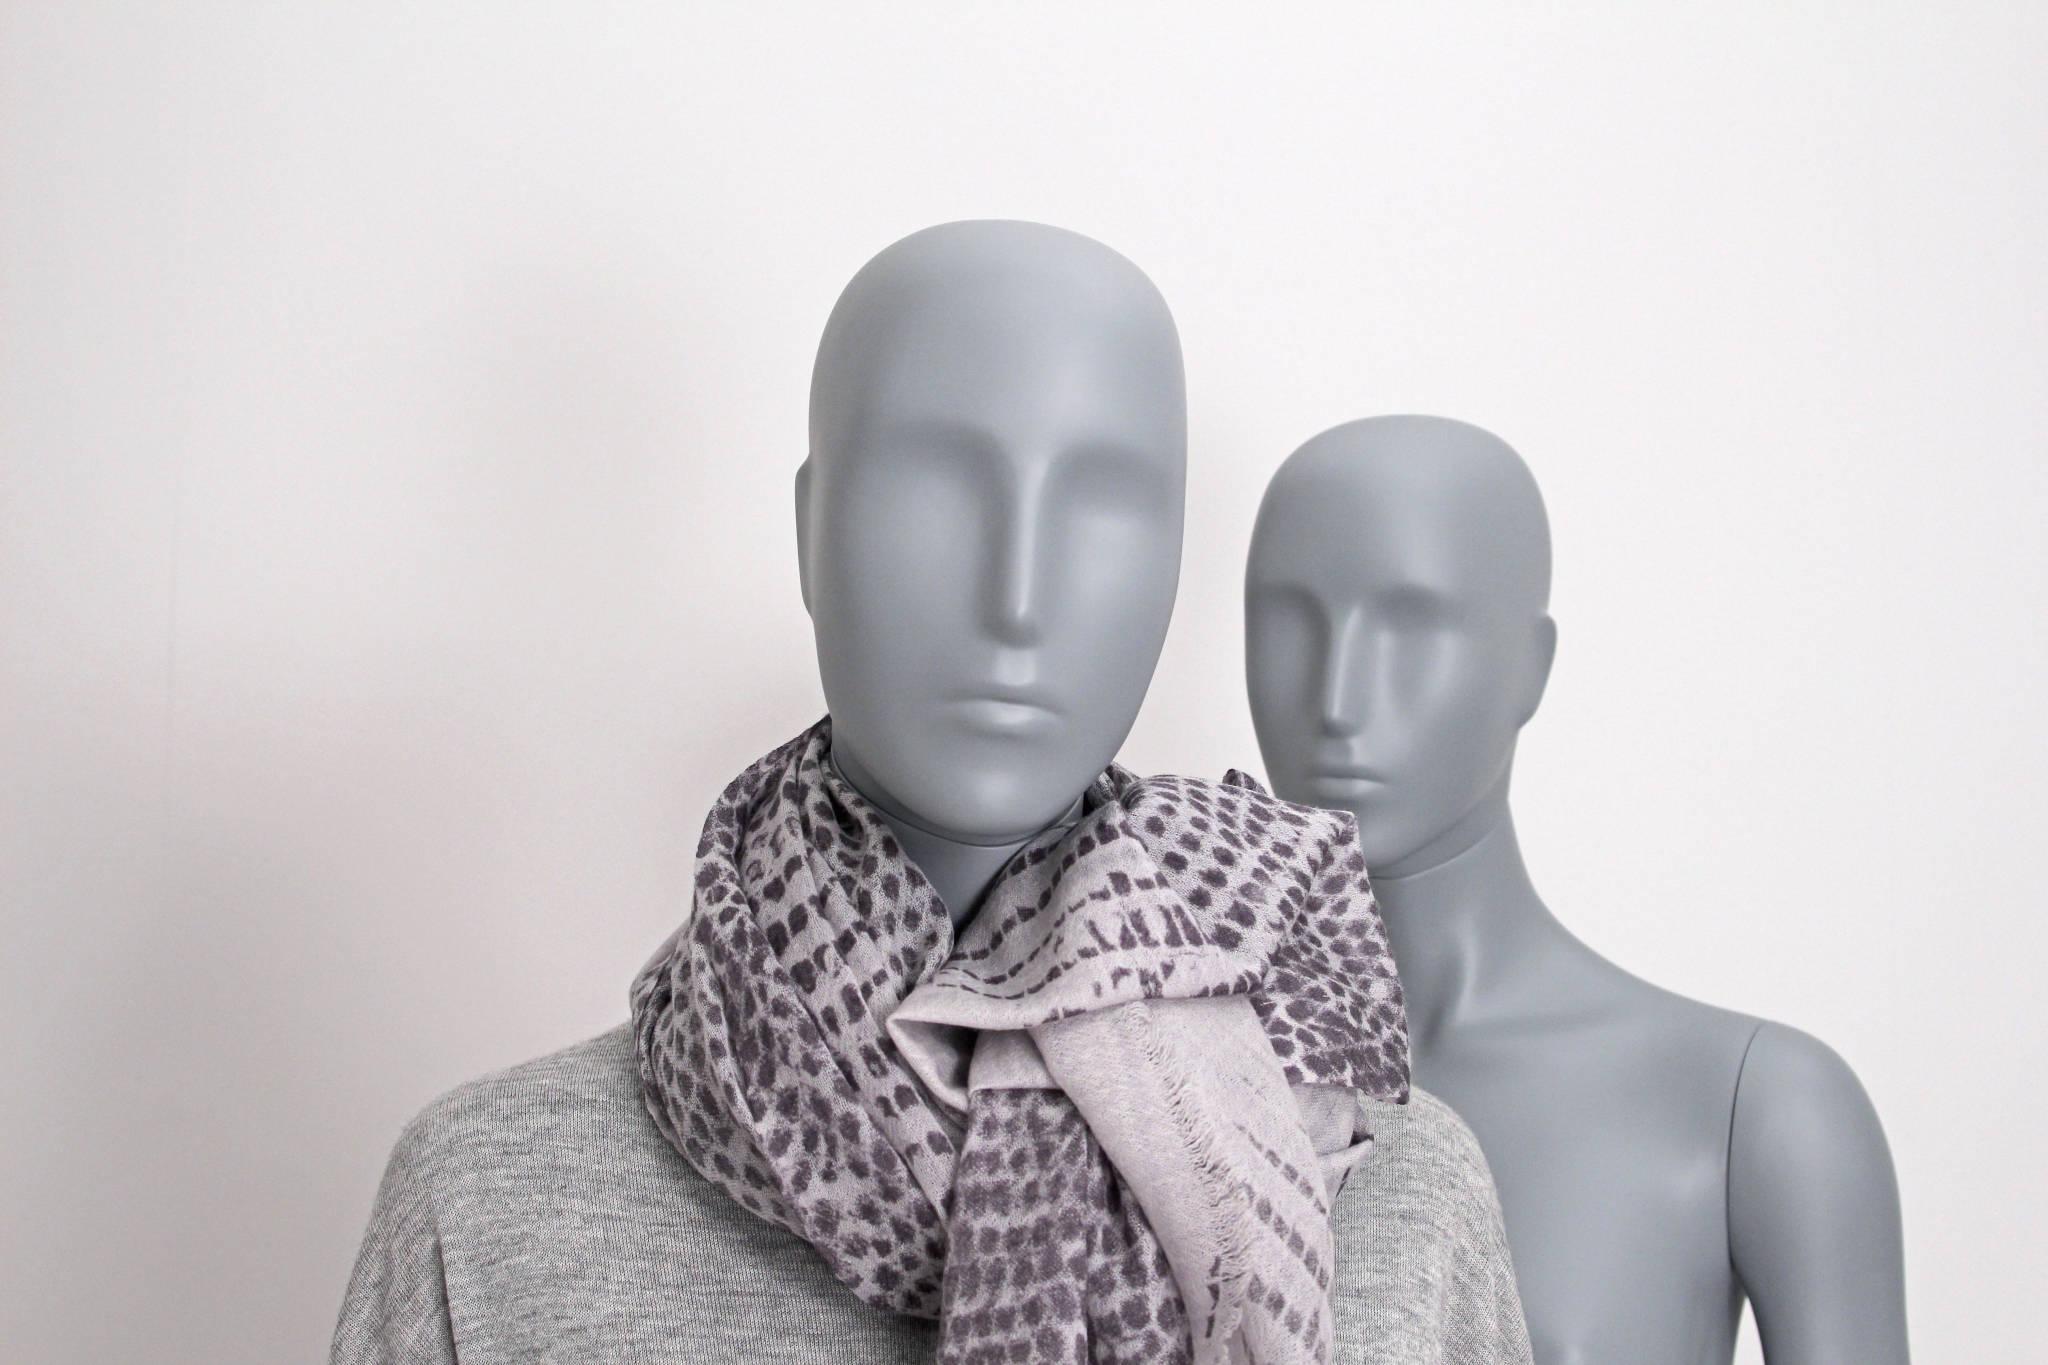 dame mannequiner, Naomi mannequiner i grå farve.